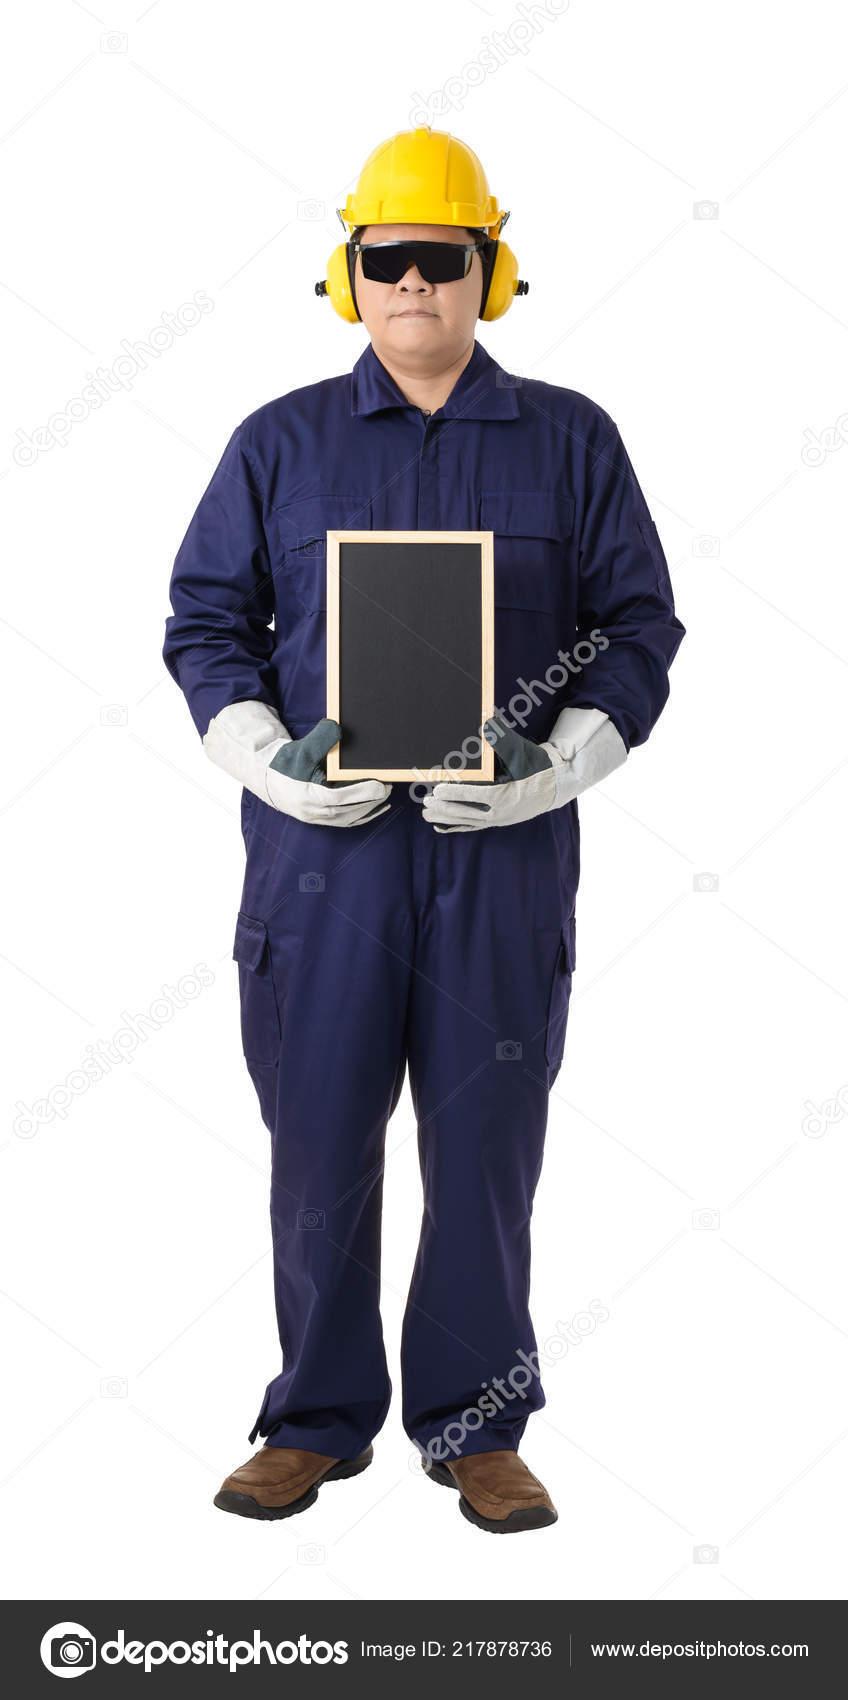 09514664816 Full Body Portrait Worker Mechanic Jumpsuit Helmet Earmuffs ...